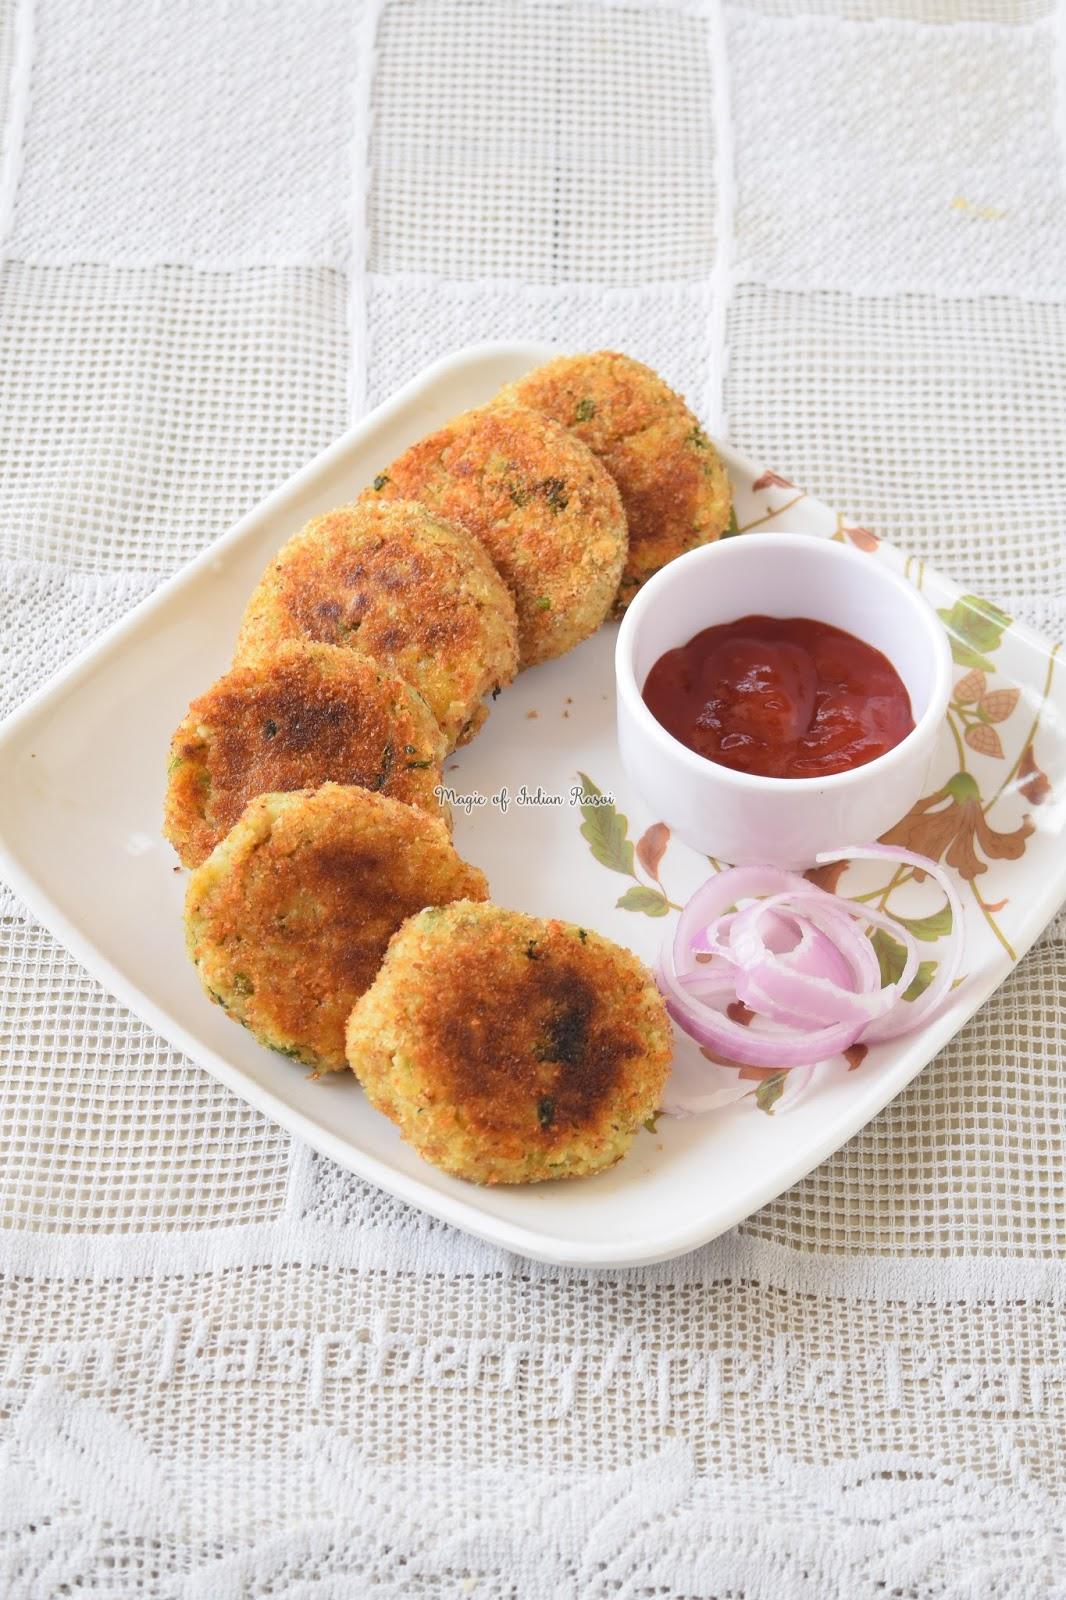 Almond Kebab - Badami Kebab Recipe in Kent RO Pizza & Omelette Maker - आलमंड कबाब - बदामी कबाब रेसिपी केंट आरओ पिज्जा और आमलेट मेकर में - Priya R - Magic of Indian Rasoi